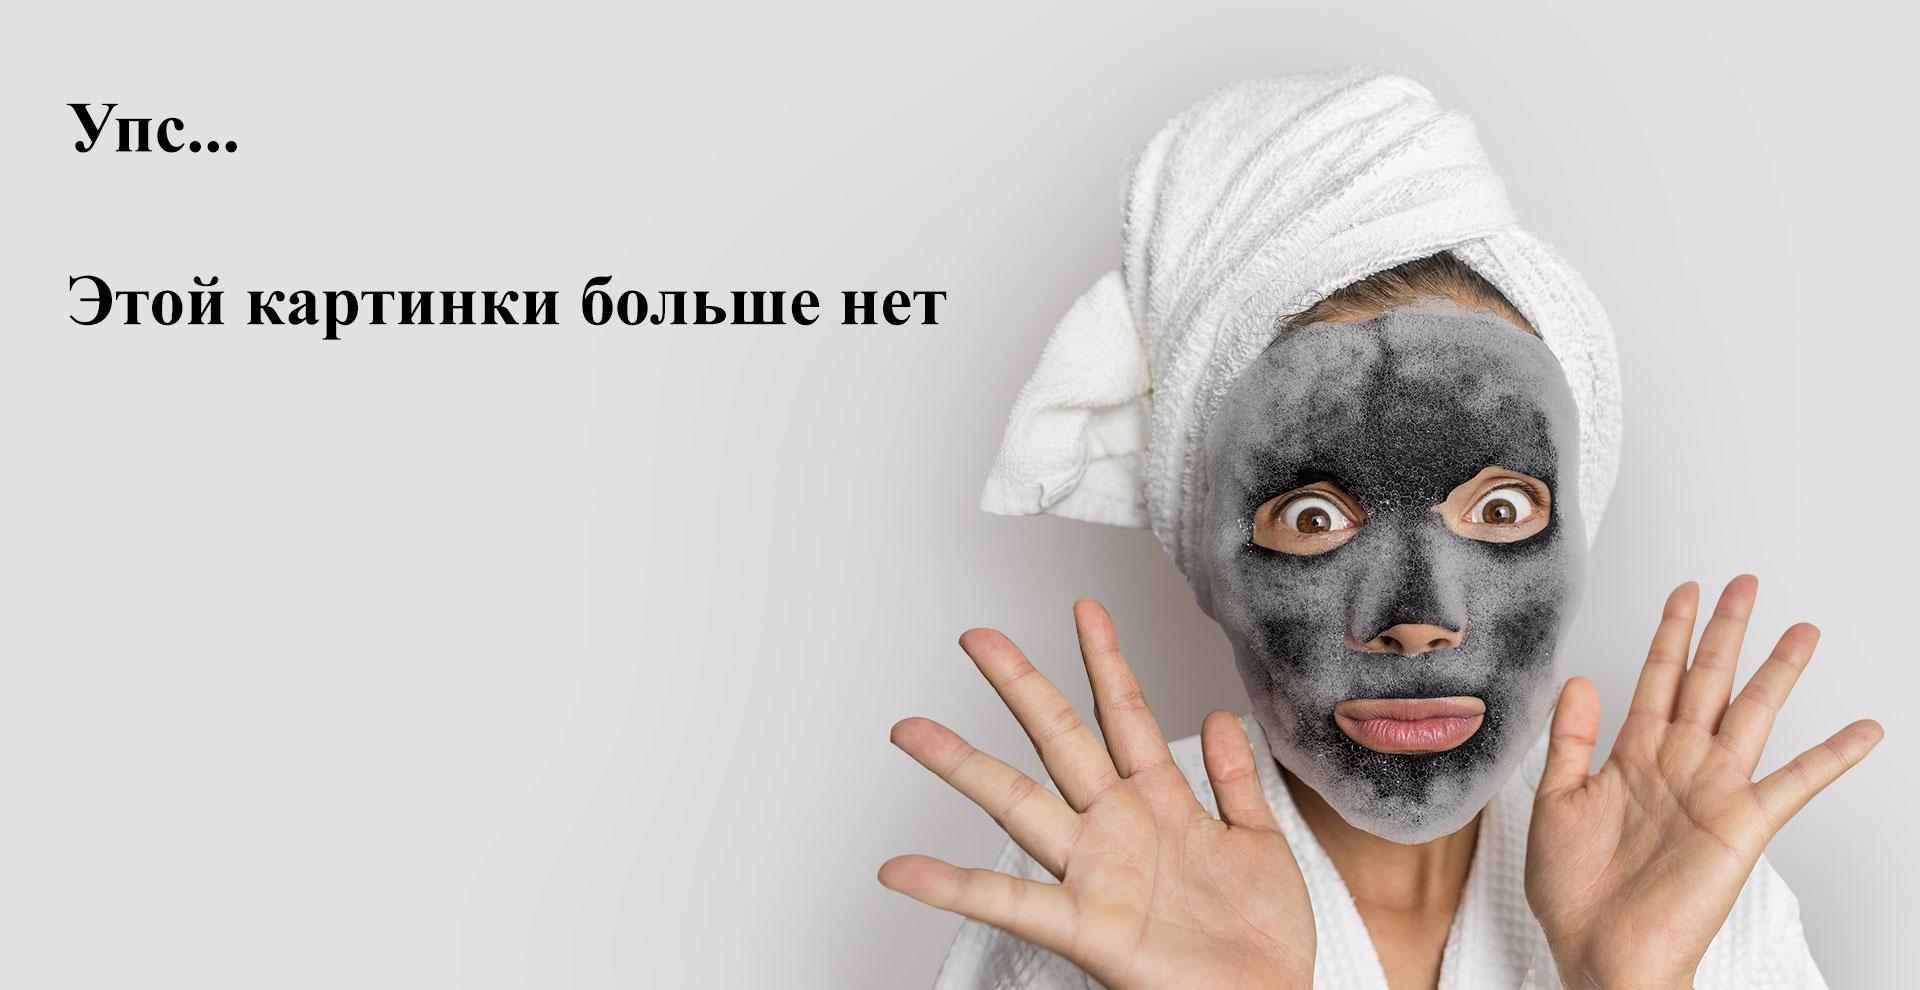 Patrisa Nail, Гель-лак «Про любовь» №415, Бантик